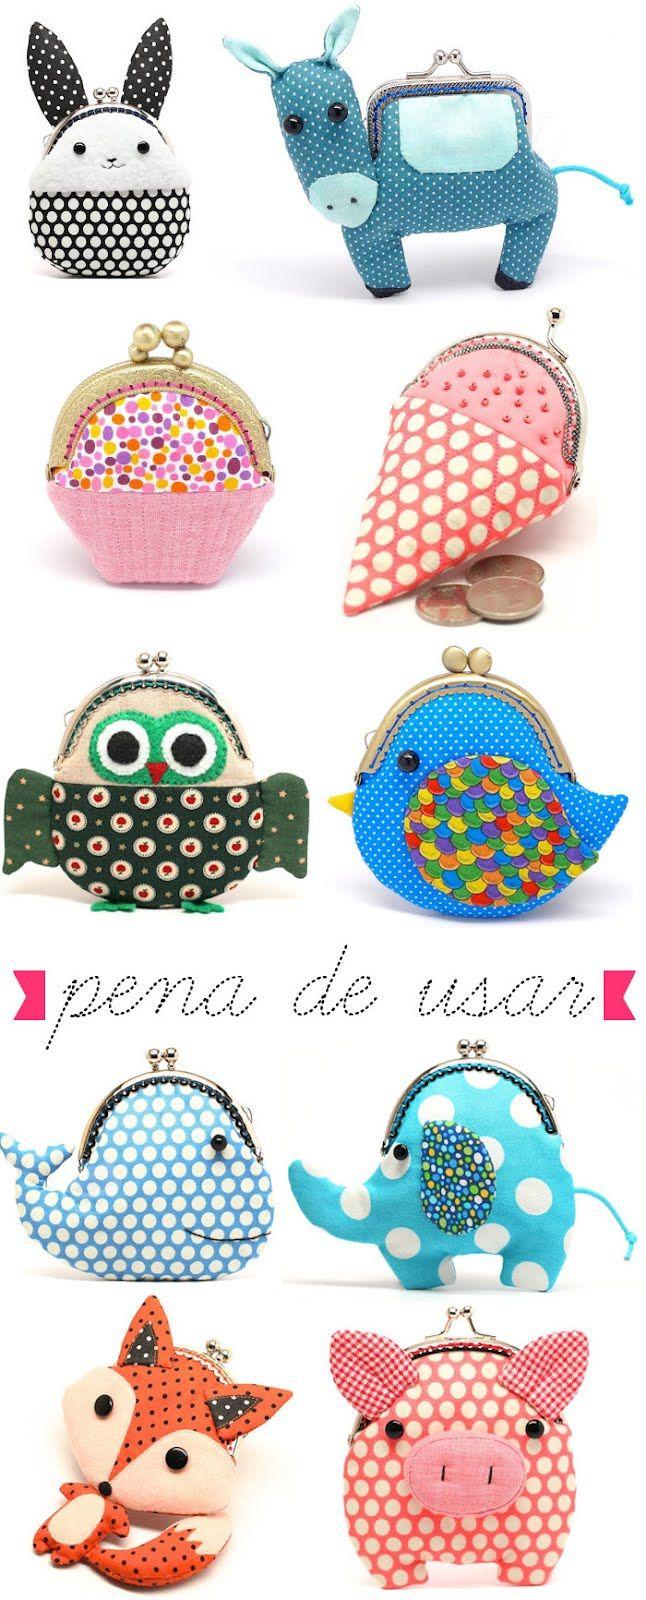 porta-niqueis-moedas-bichinhos-animais-etsy-cute-fofo-dica-blog-moda.jpg 646×1,600픽셀